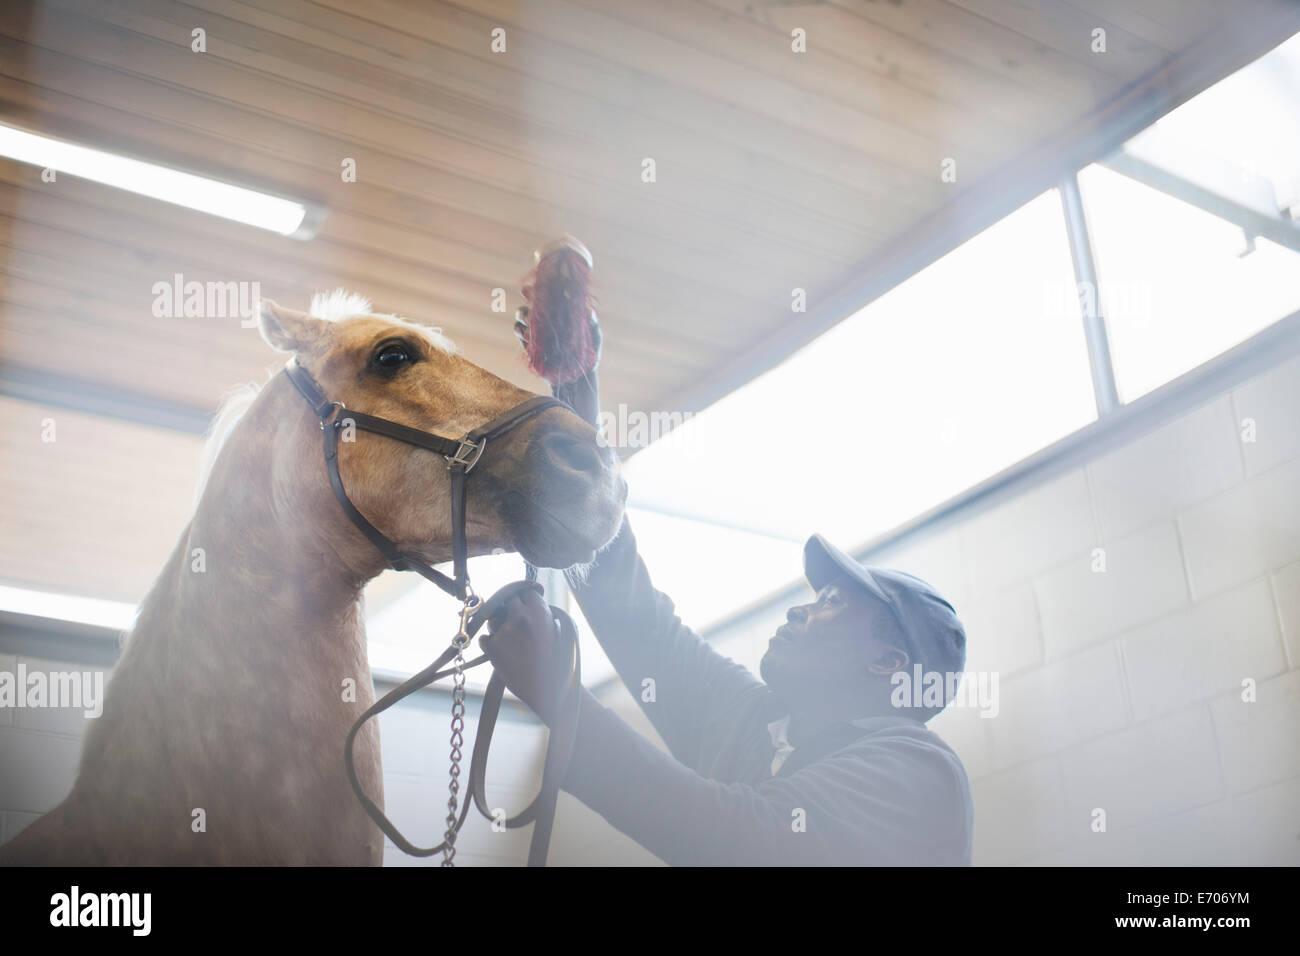 Basso angolo di vista stablehand maschio grooming cavallo nervoso Immagini Stock